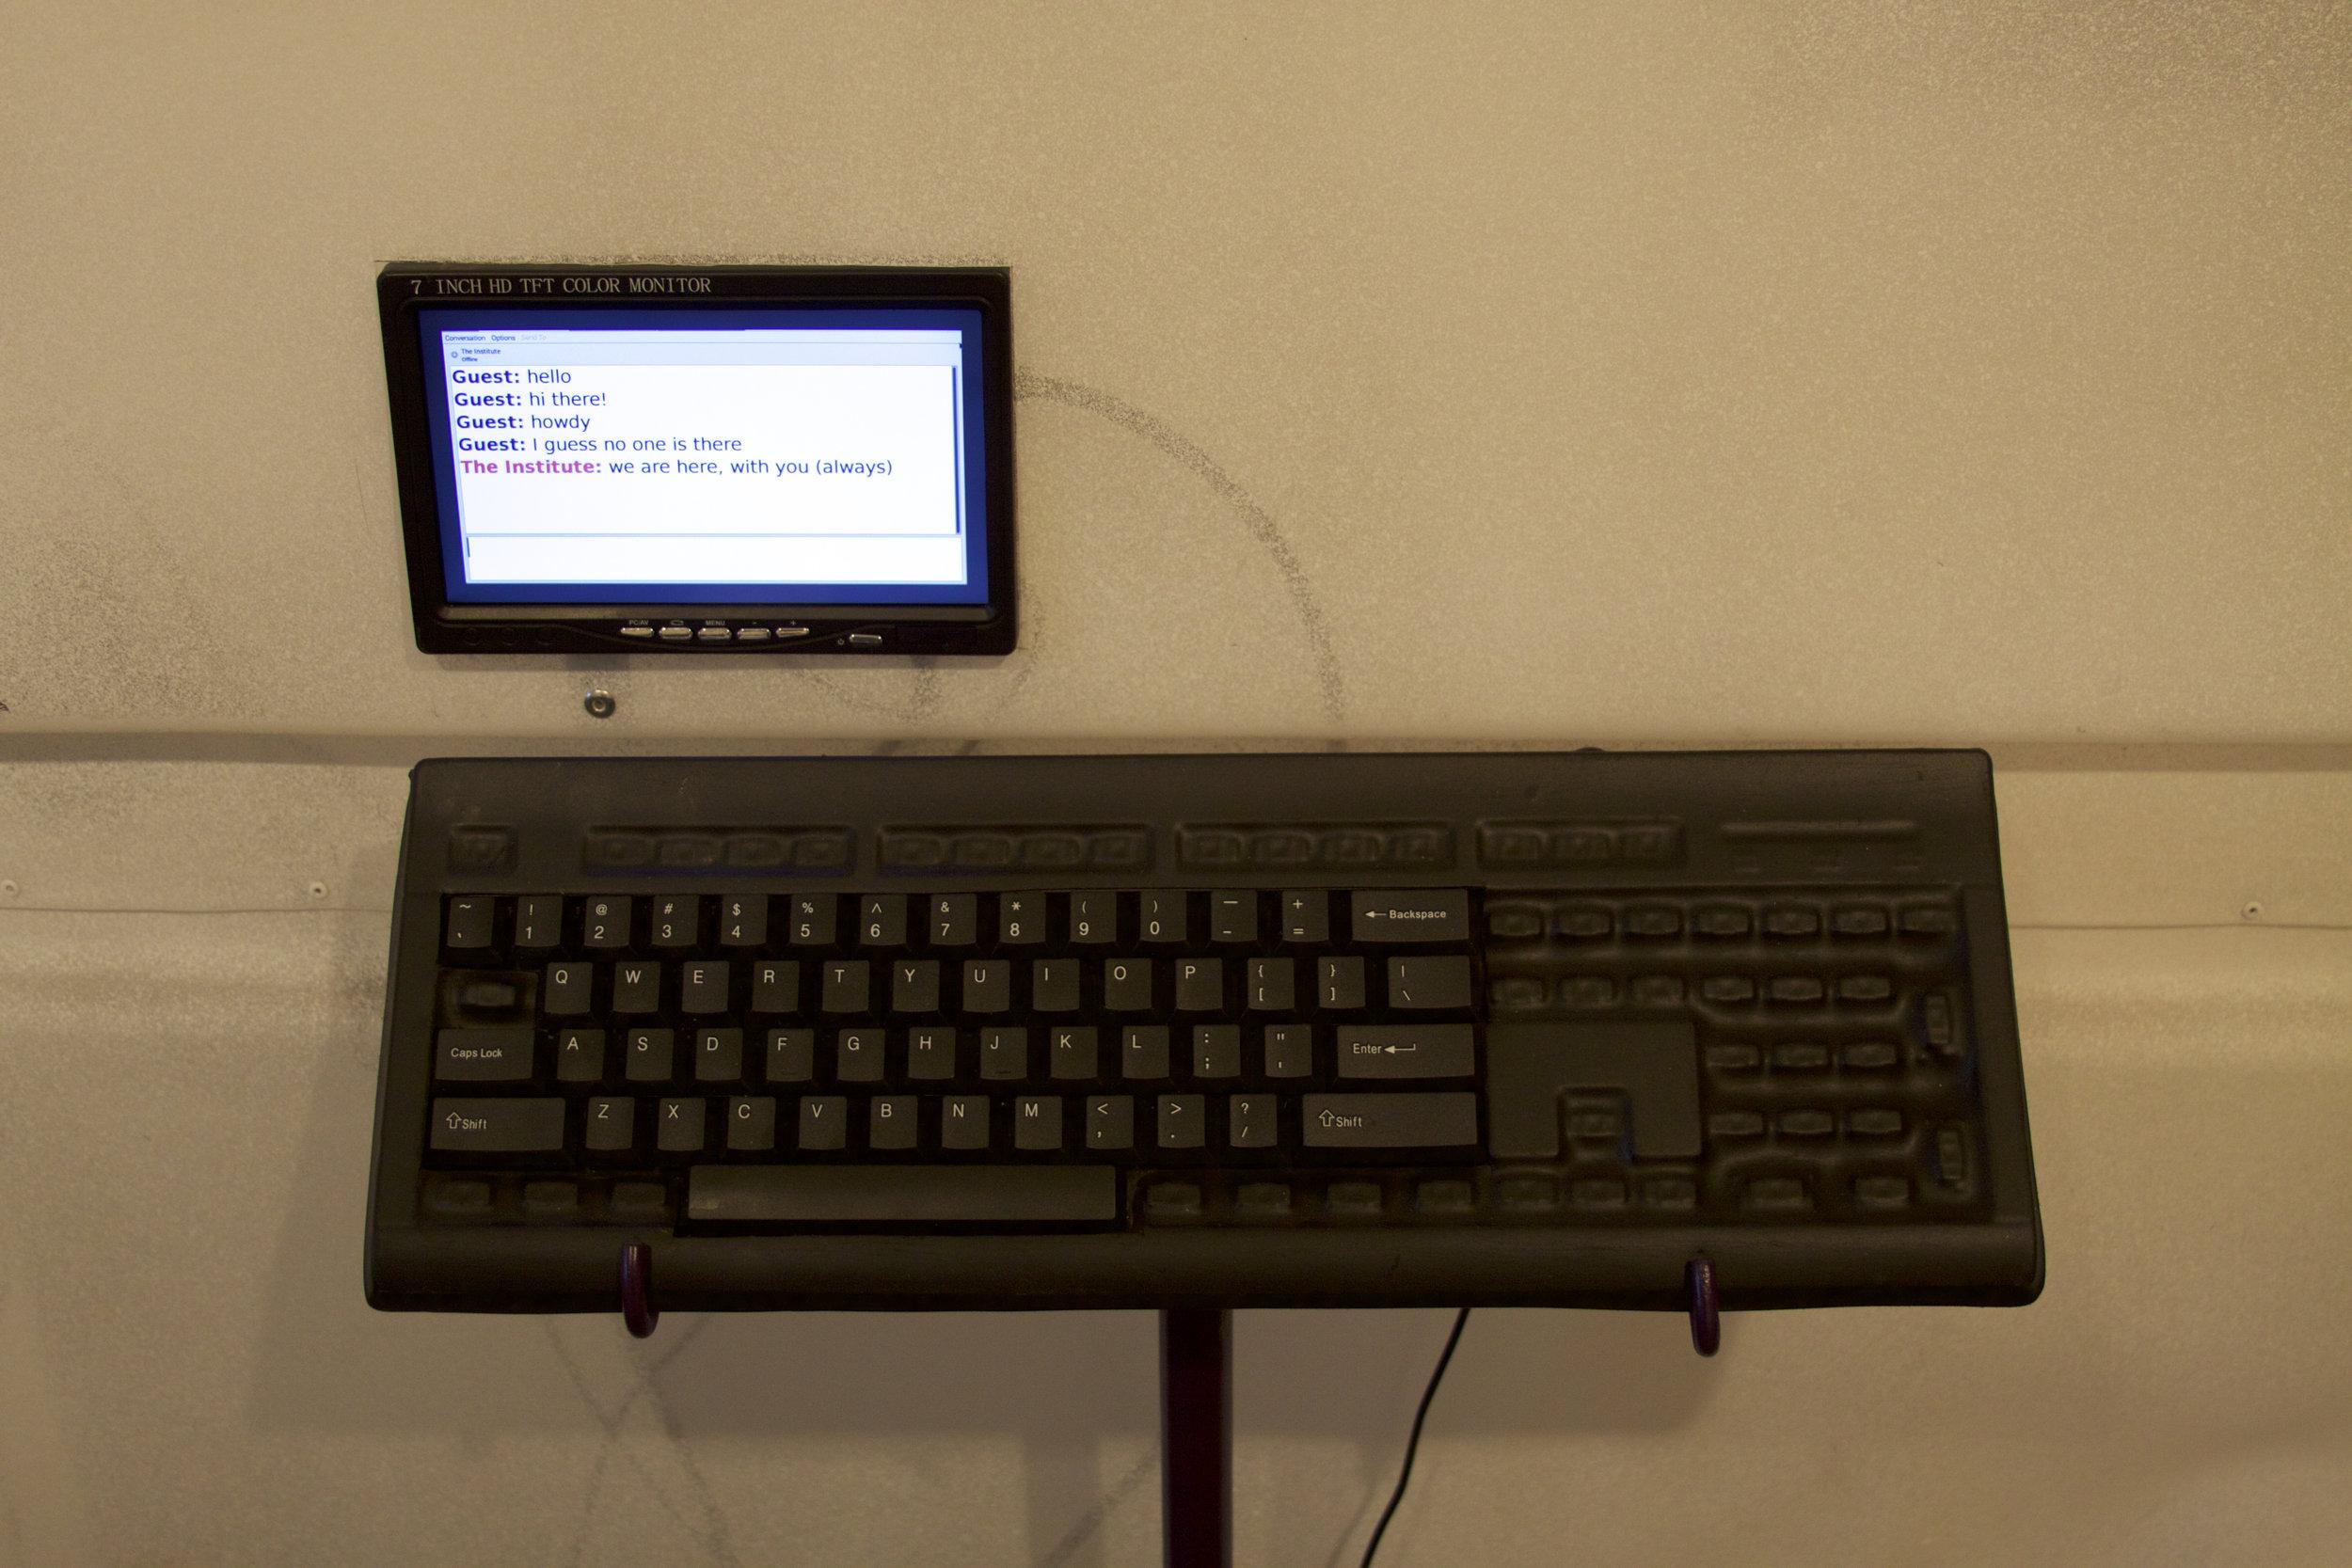 Console02.jpg